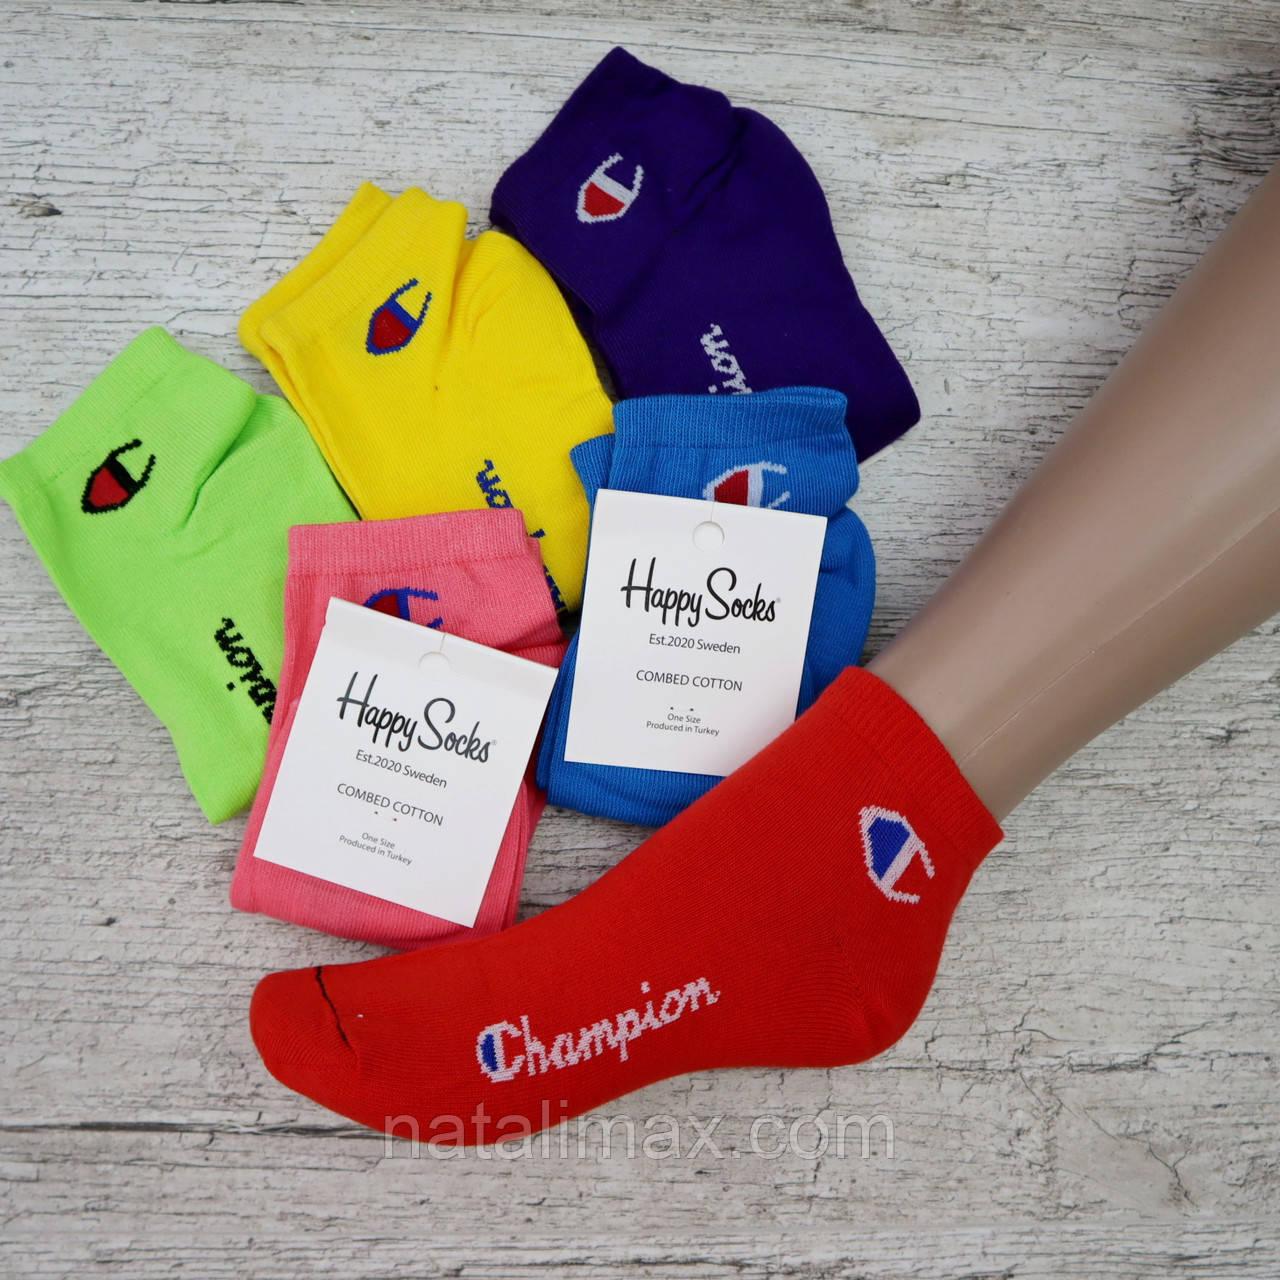 """Носки для детей, размер 7 лет, """"Happy Sokcs"""". Детские носки, Турция"""